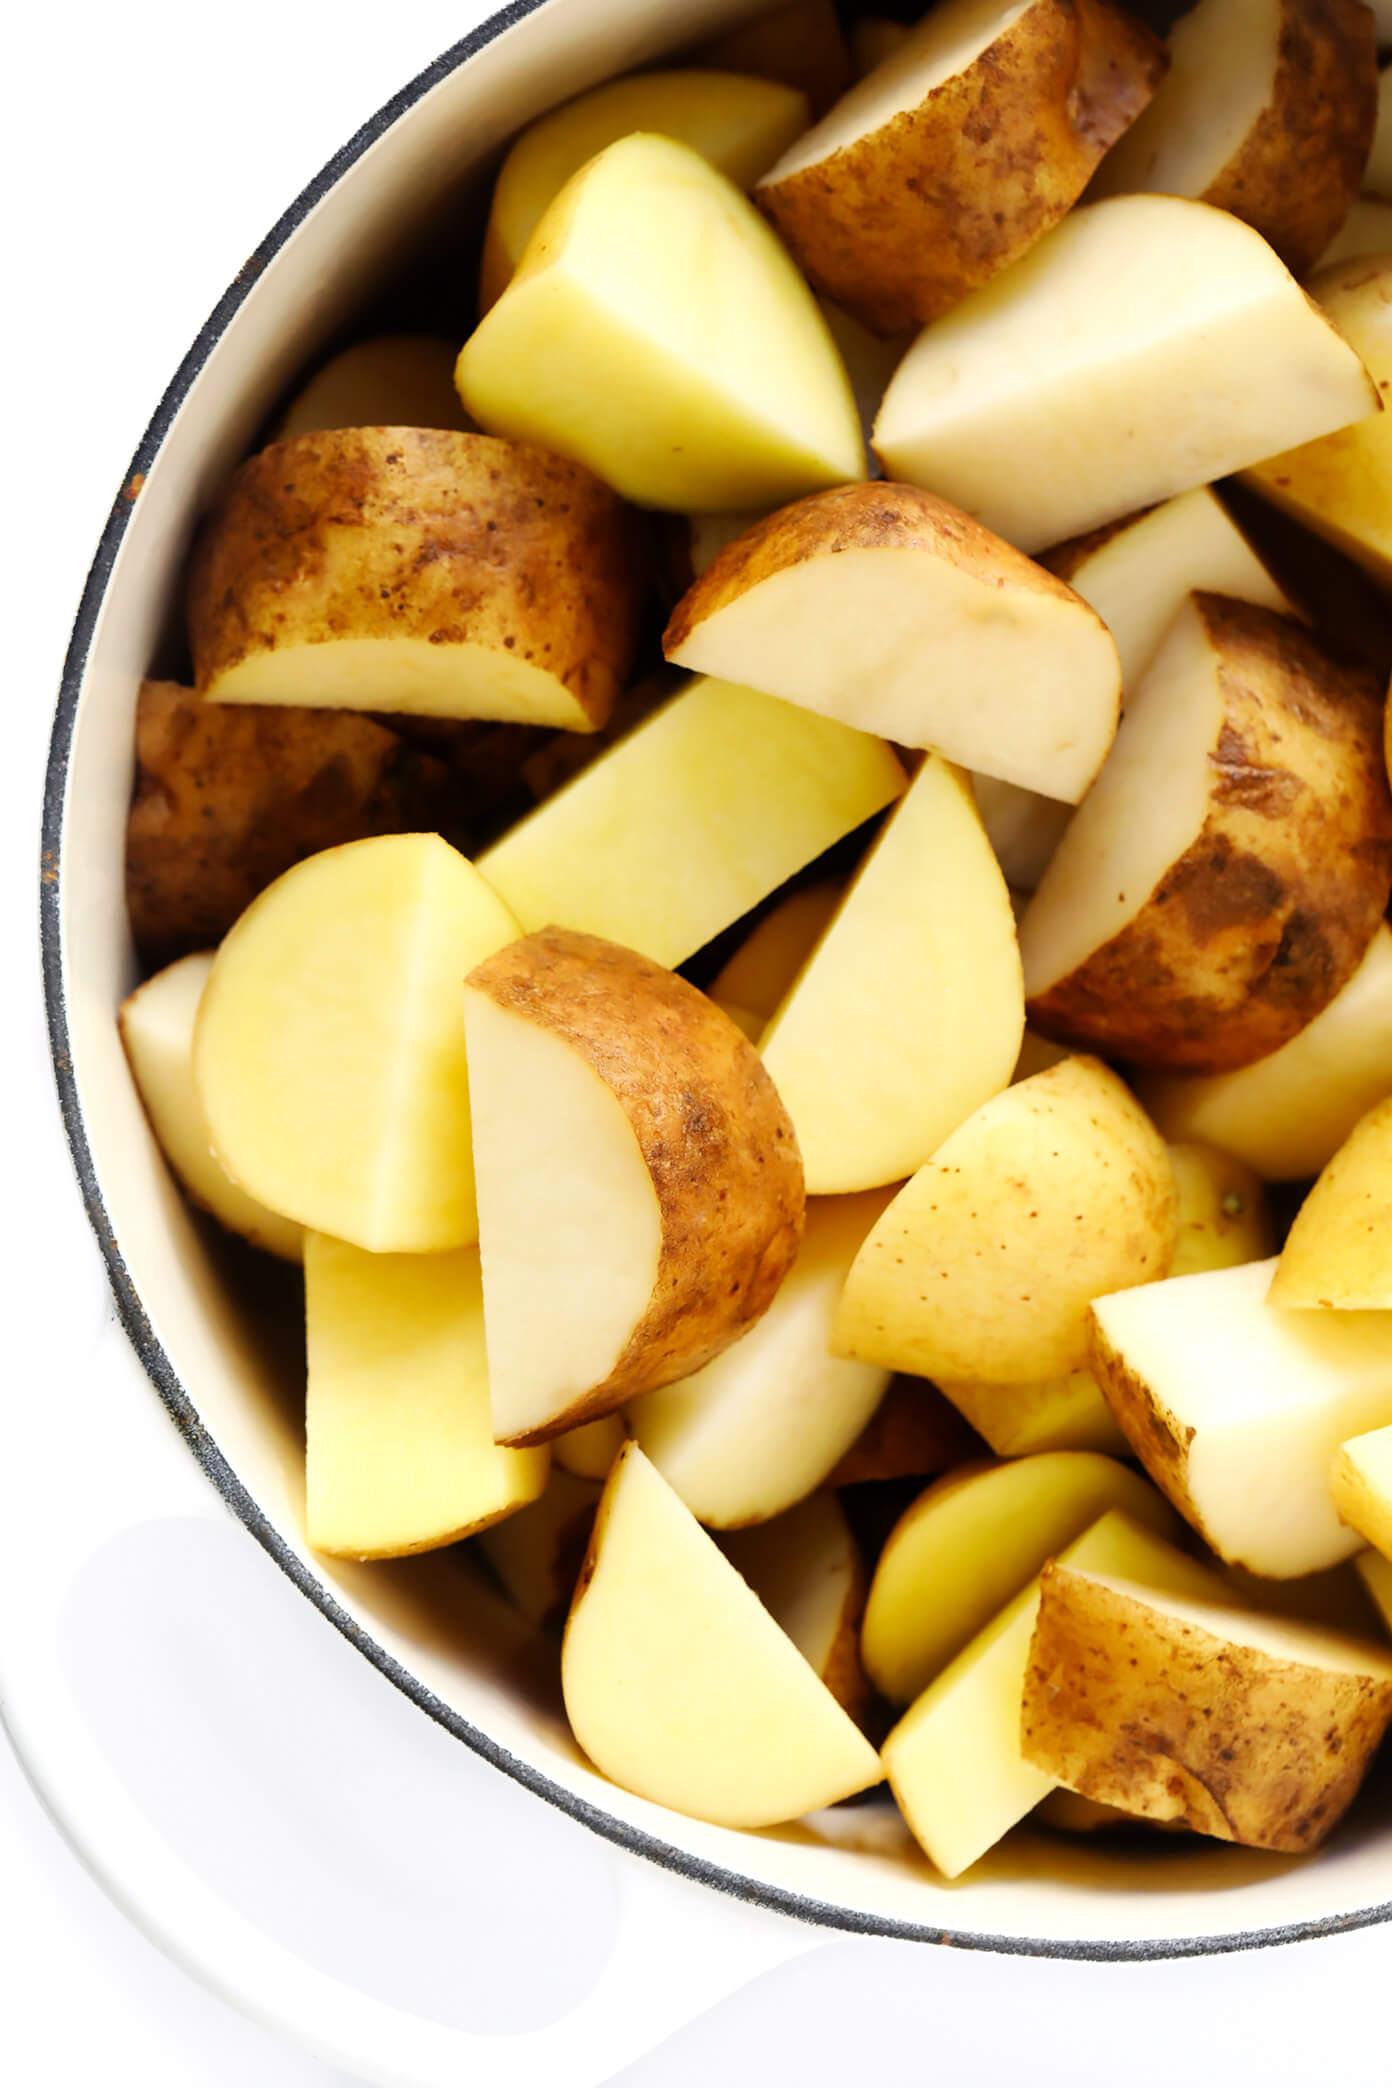 Yukon Gold Potatoes and Russet Potatoes | Mashed Potatoes Recipe